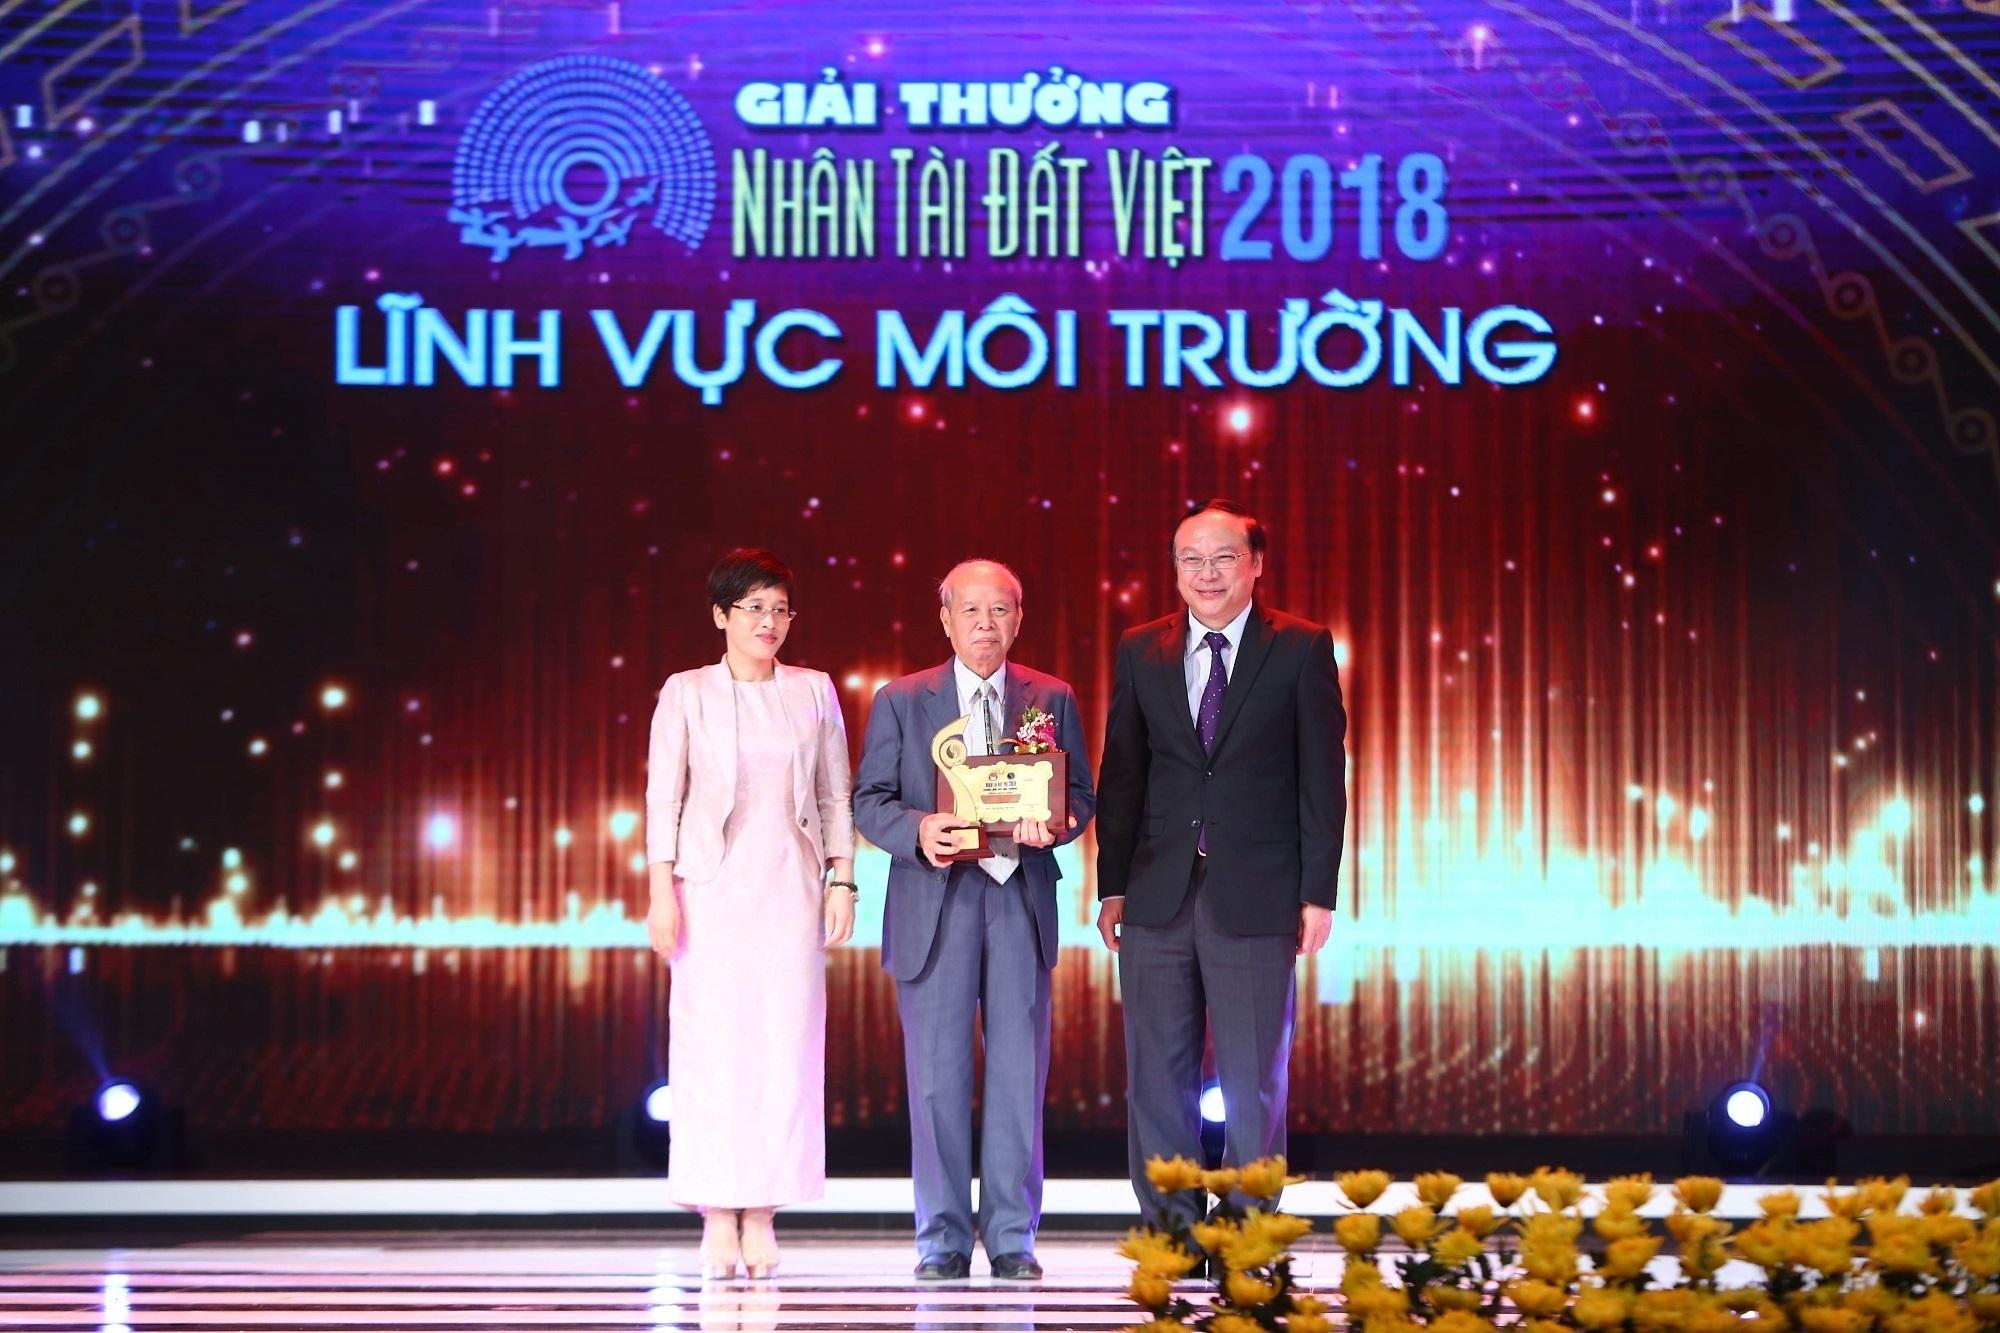 Giải thưởng Nhân tài Đất Việt luôn mở rộng cơ hội với mọi đối tượng trong xã hội - 2